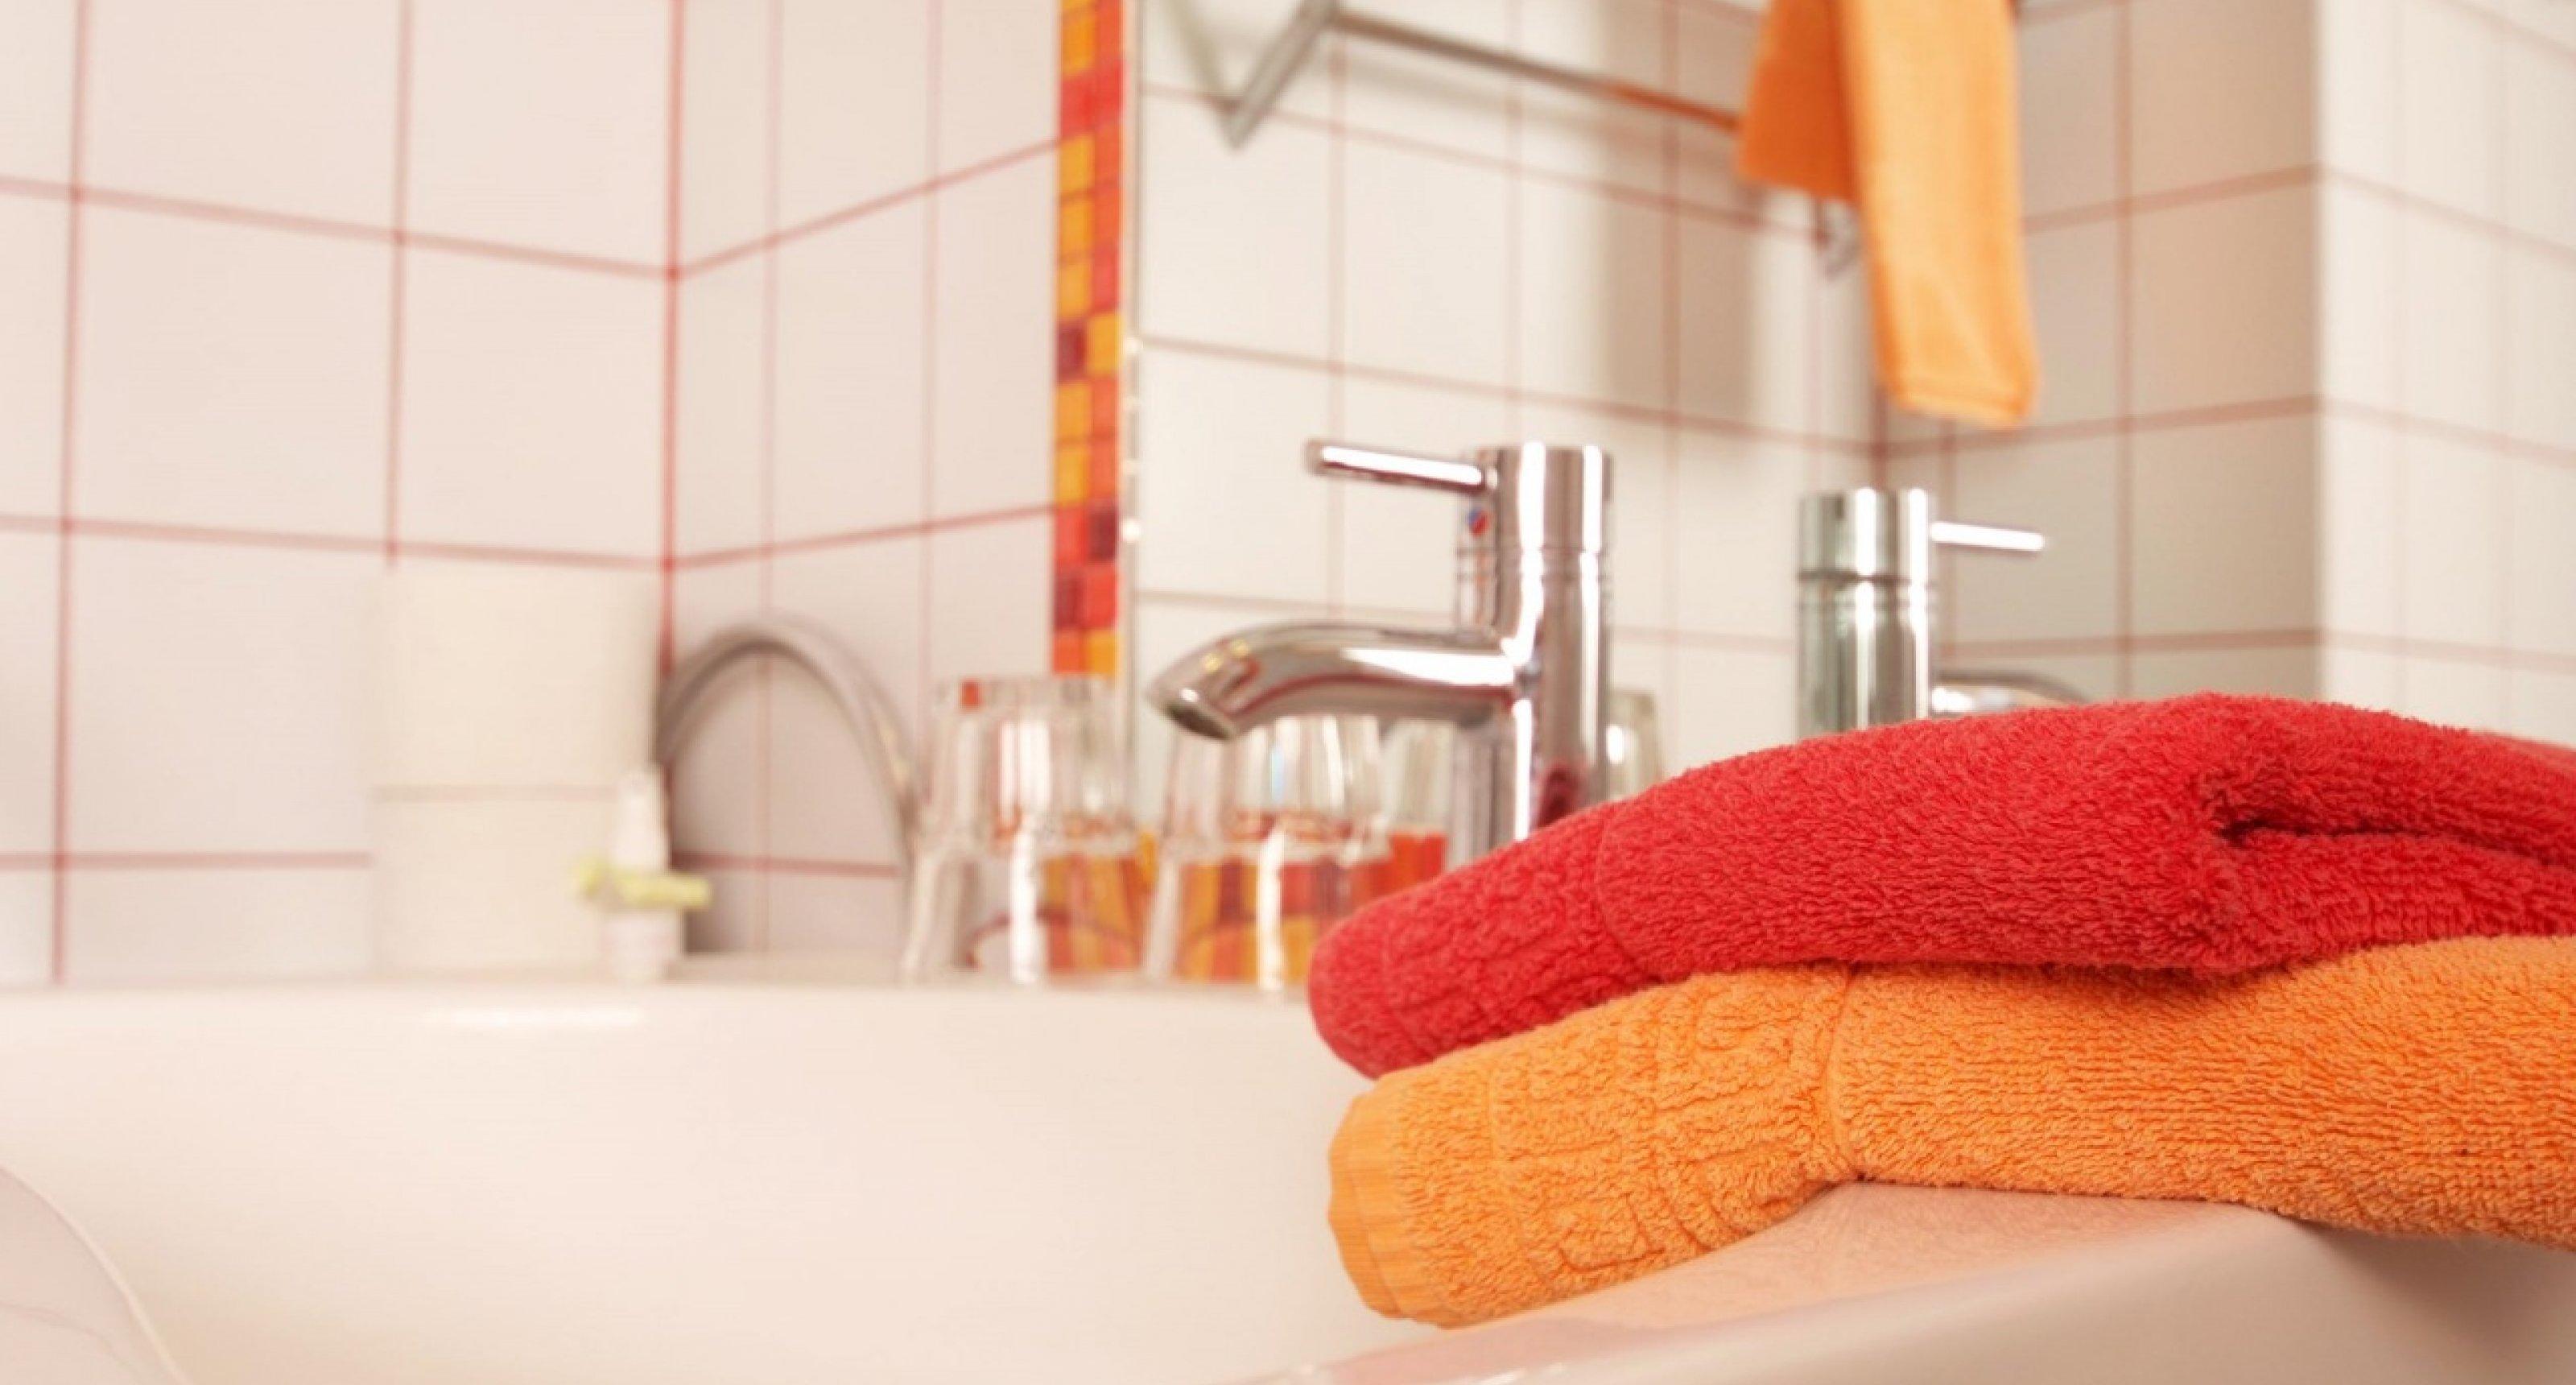 Badezimmer - farbenfroh & selbstverständlich barrierefrei